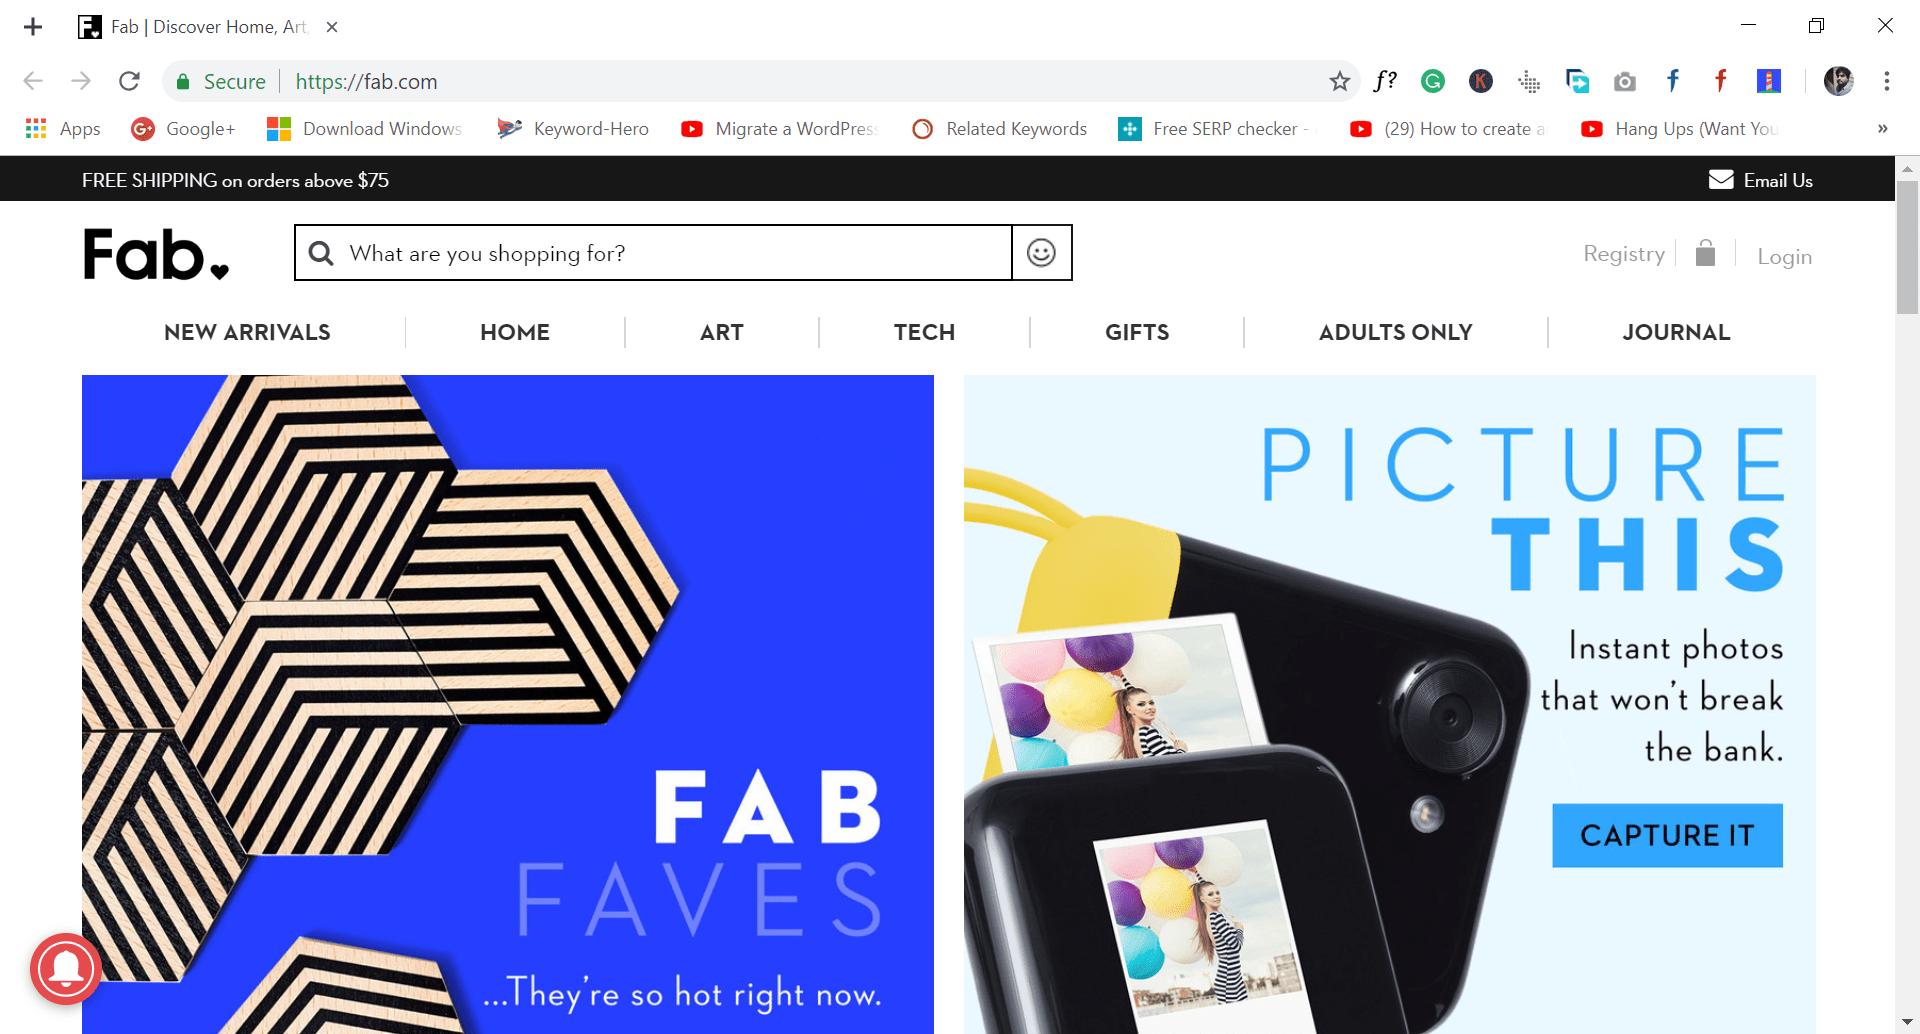 fab - site like wish.com